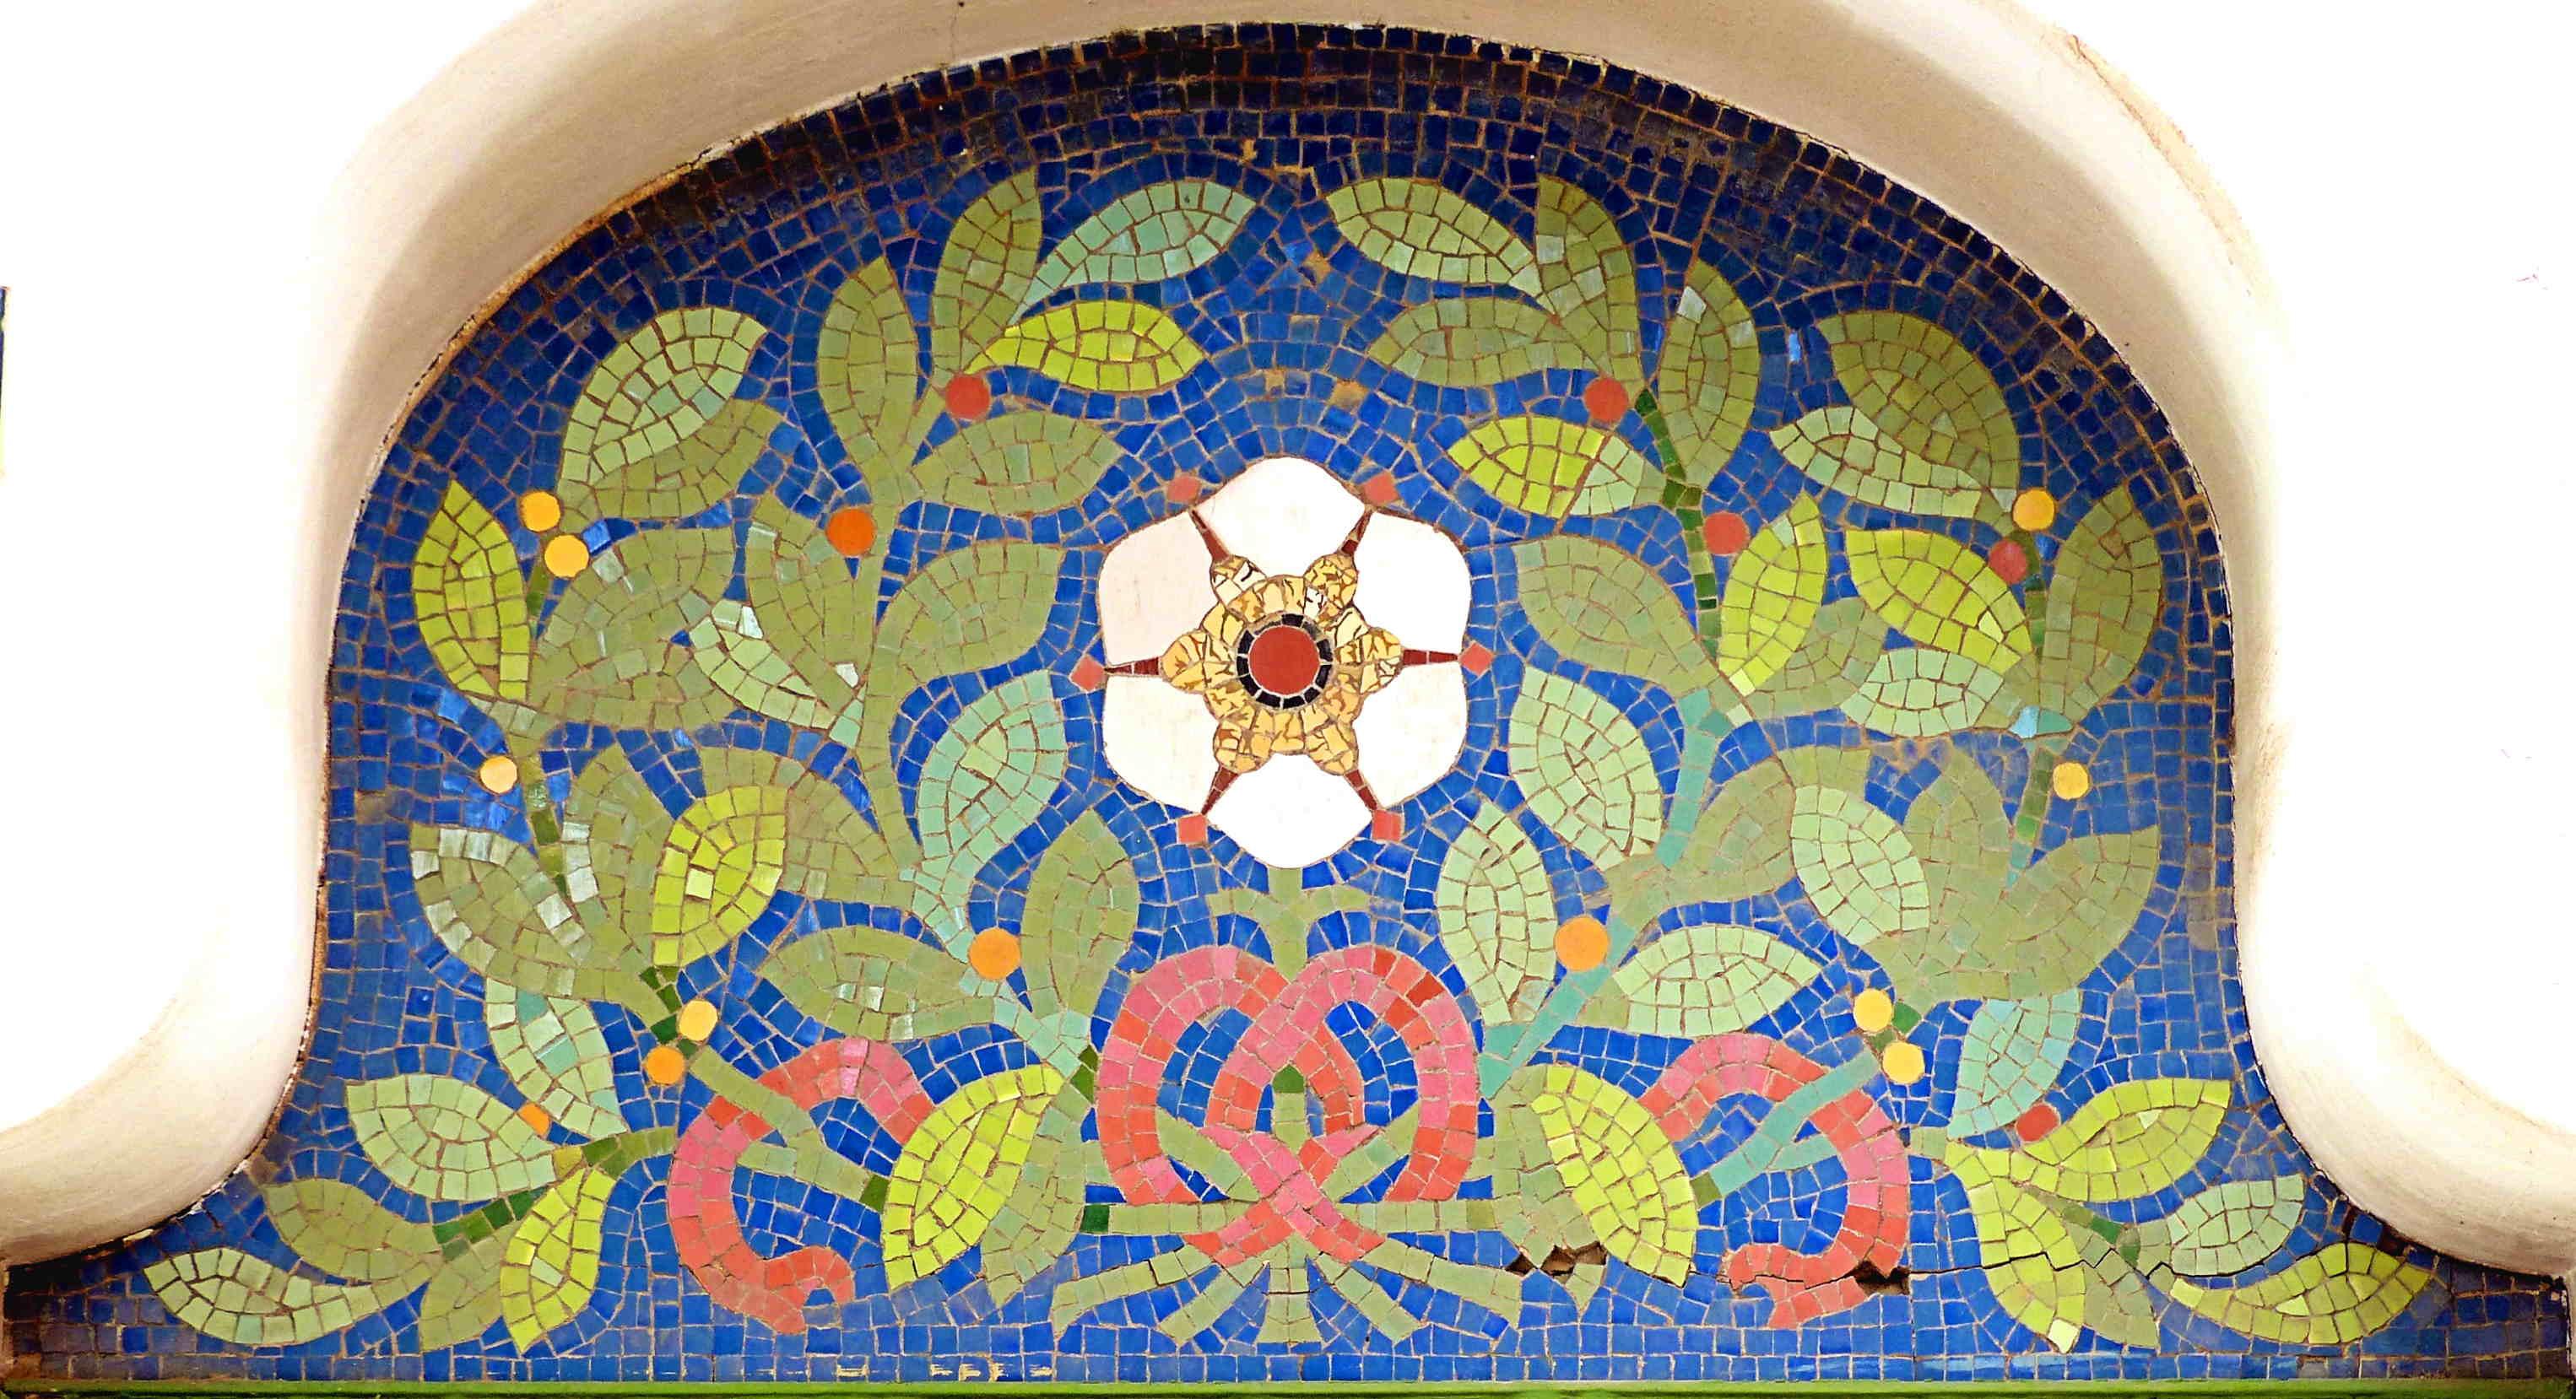 Mosaic de tessel•les de ceràmica, Passeig de la Font d'en Fargas, 10, Horta-Guinardó (Foto: A. Schulz)